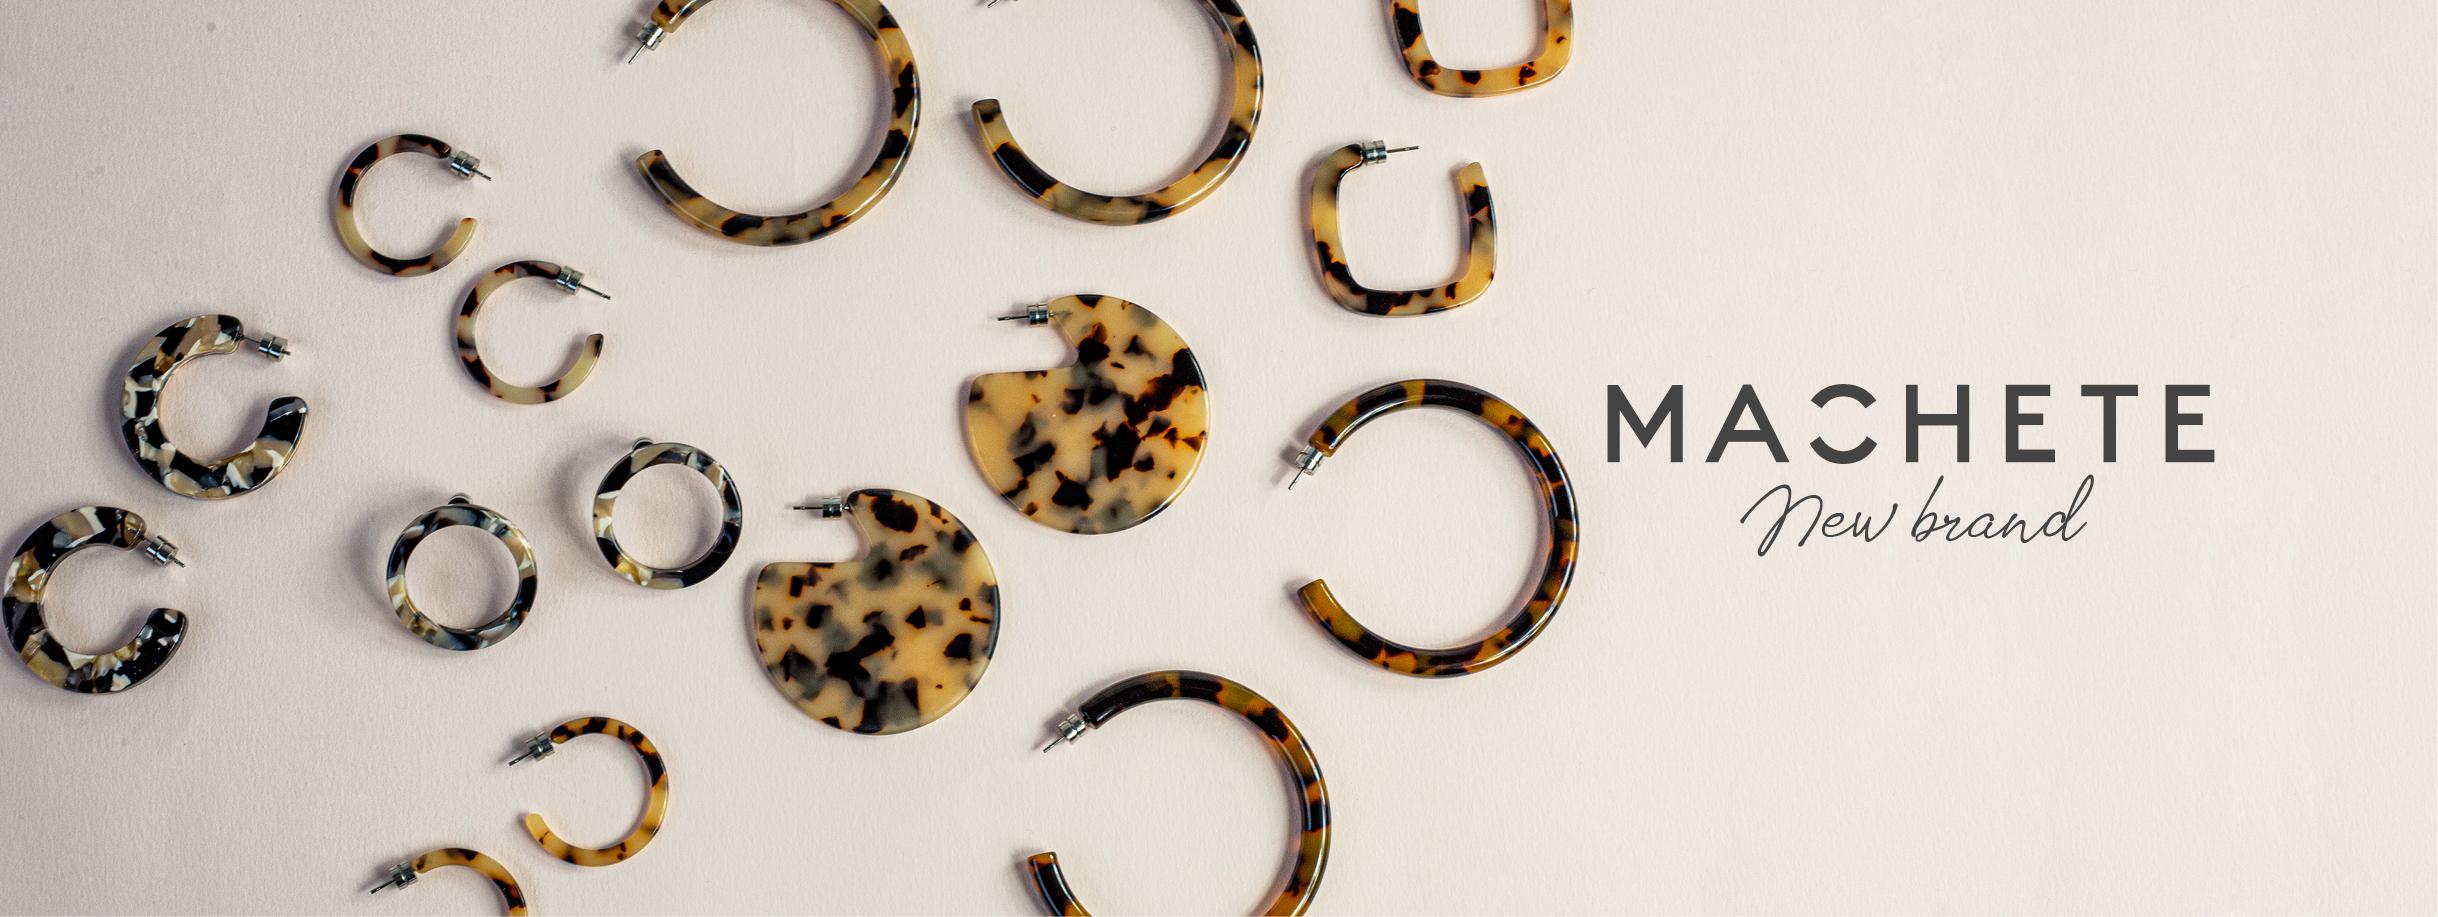 Machete - new Brand